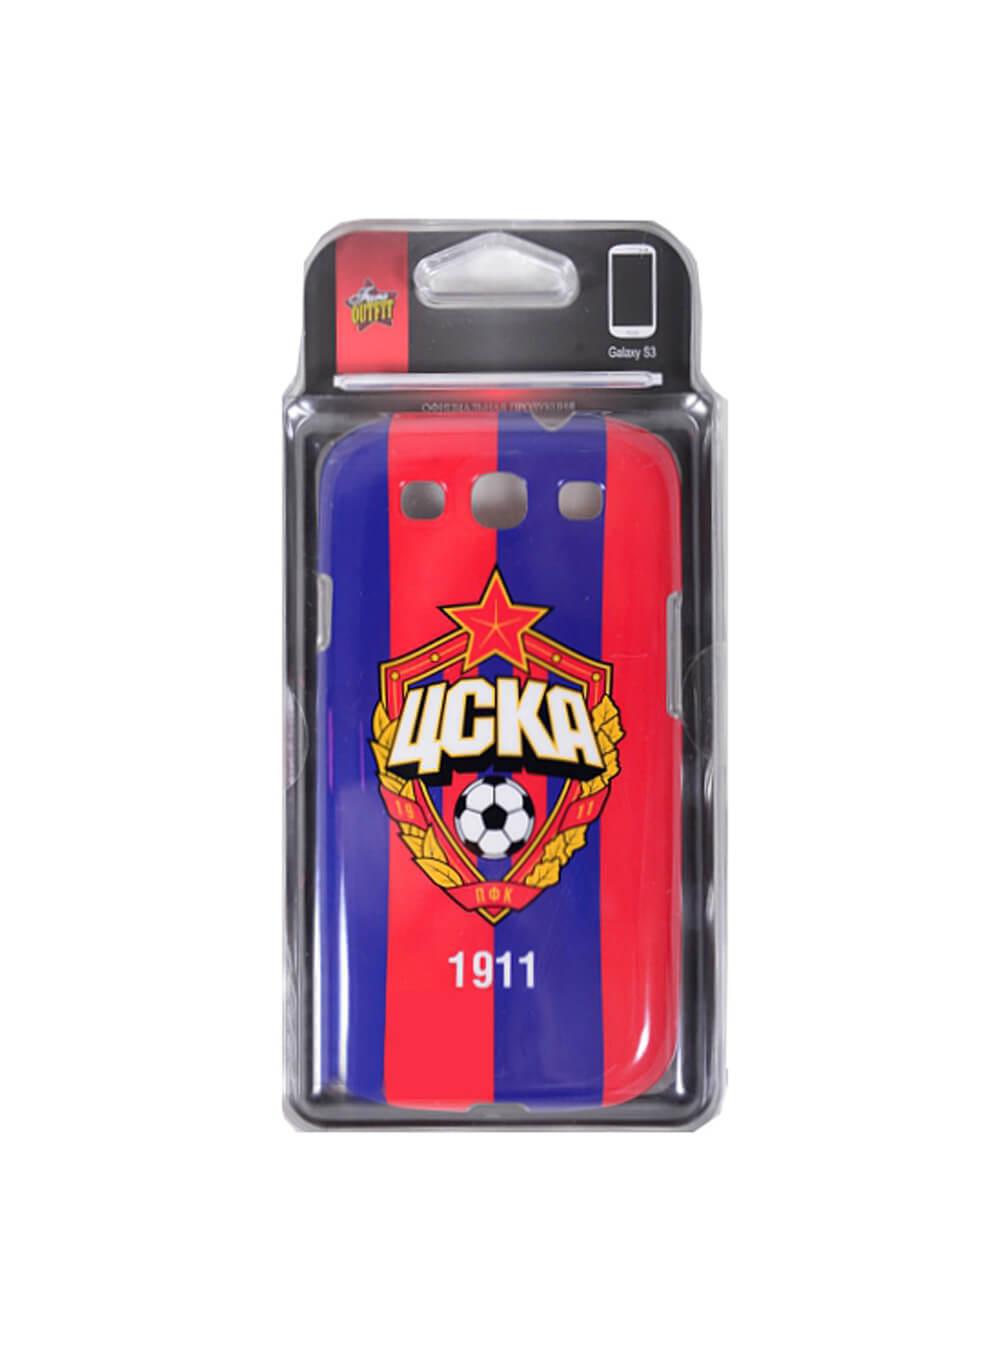 Клип-кейс для Galaxy S3 красно-синийВсе для мобильного телефона<br>Клип-кейс для Galaxy S3 красно-синий<br>